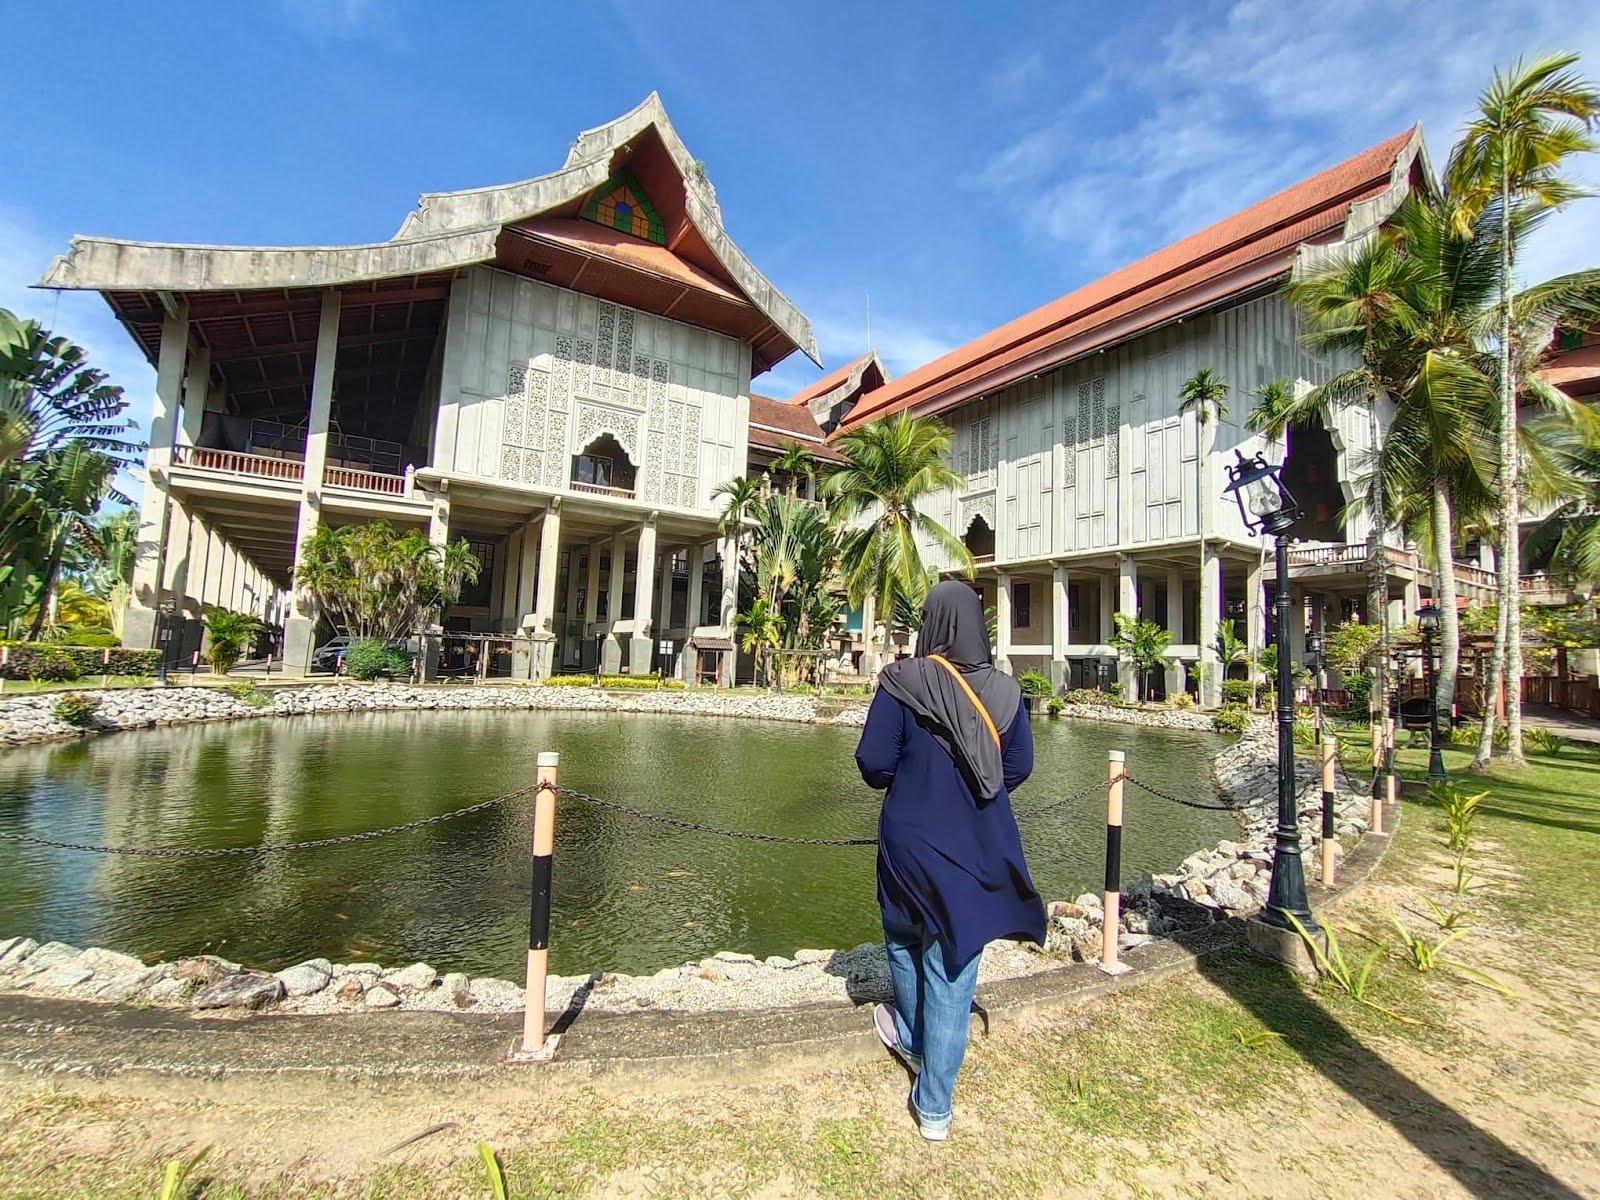 Muzium Negeri Terengganu, Losong